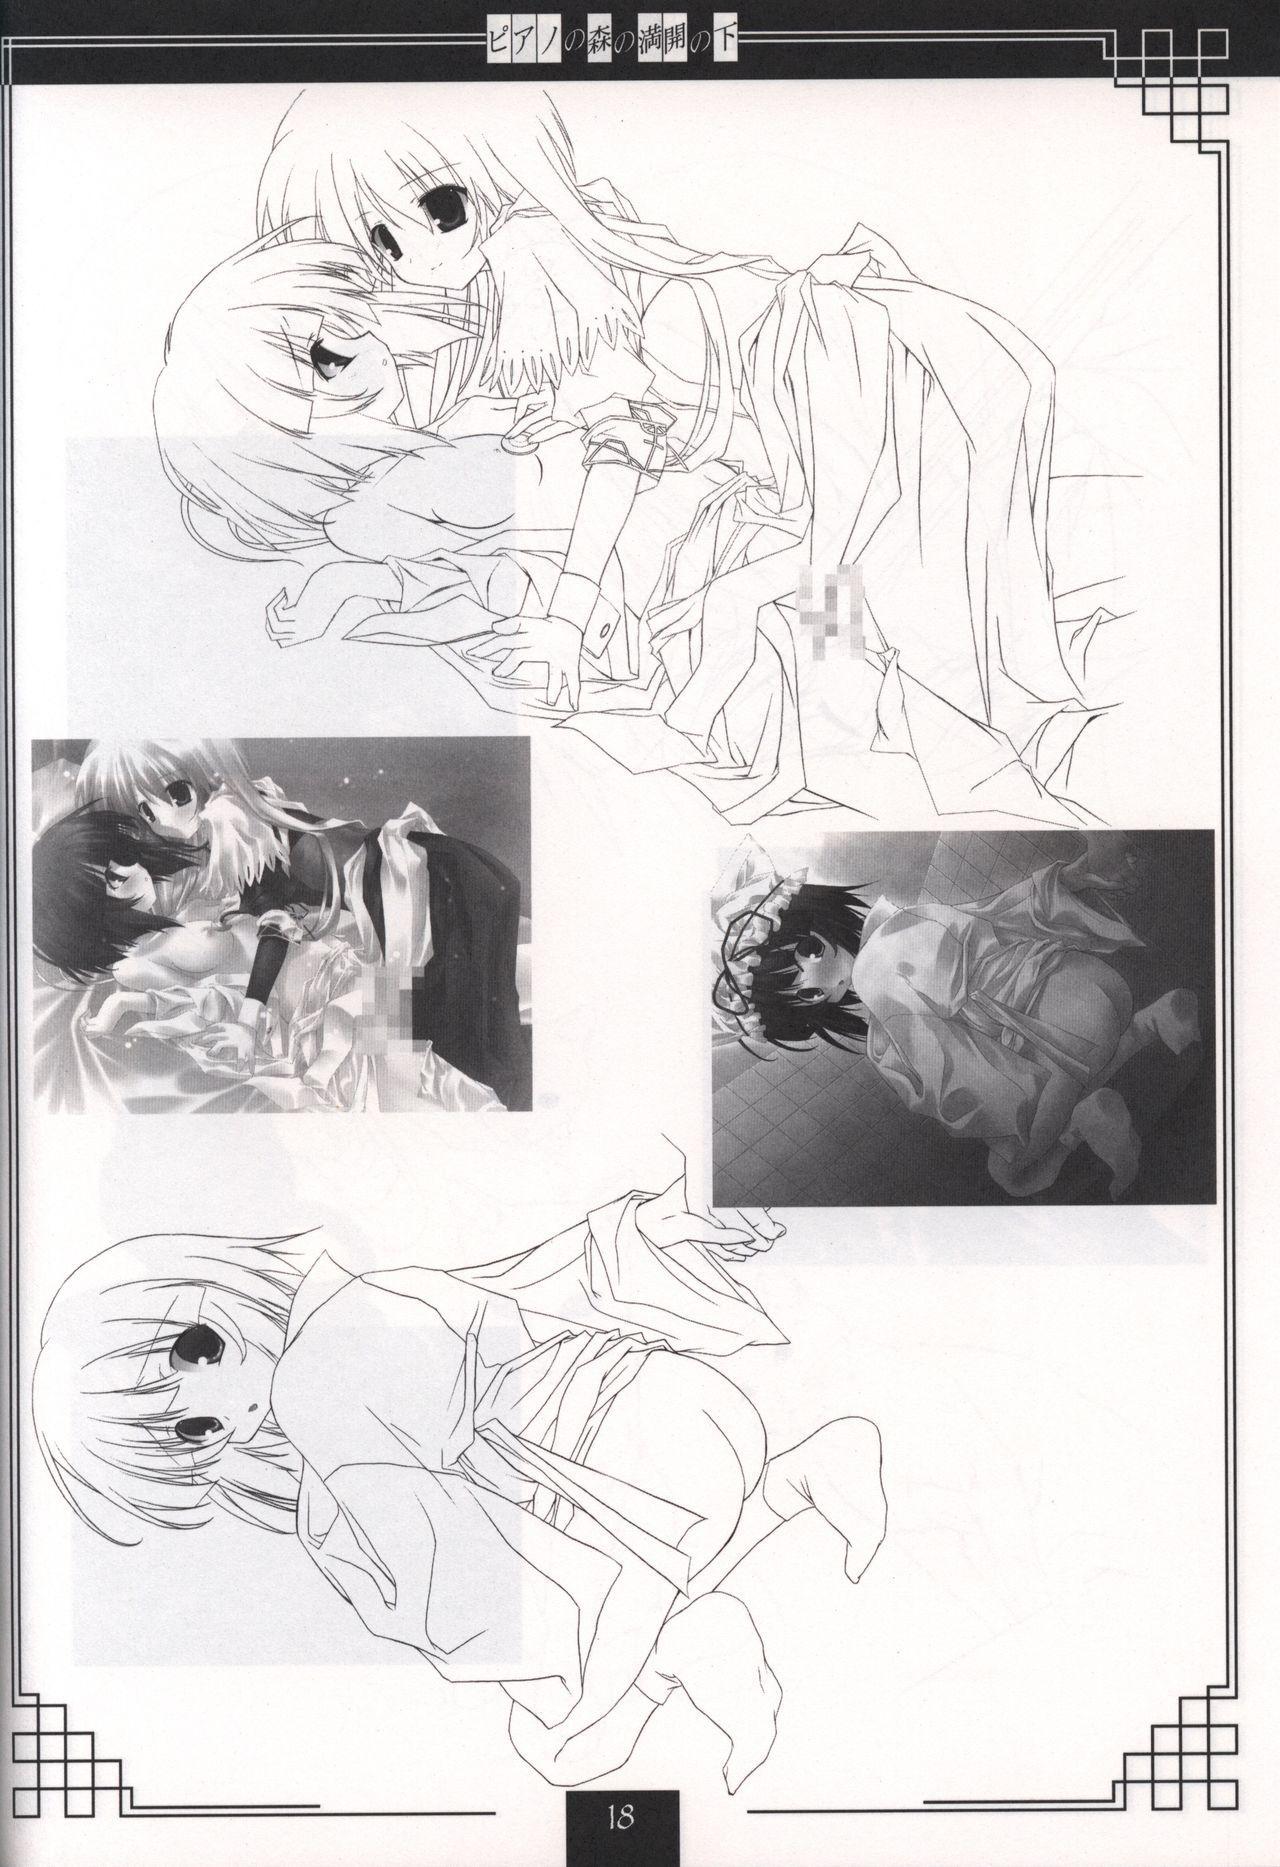 Piano no Mori no Mankai no Shita illustration art book 16